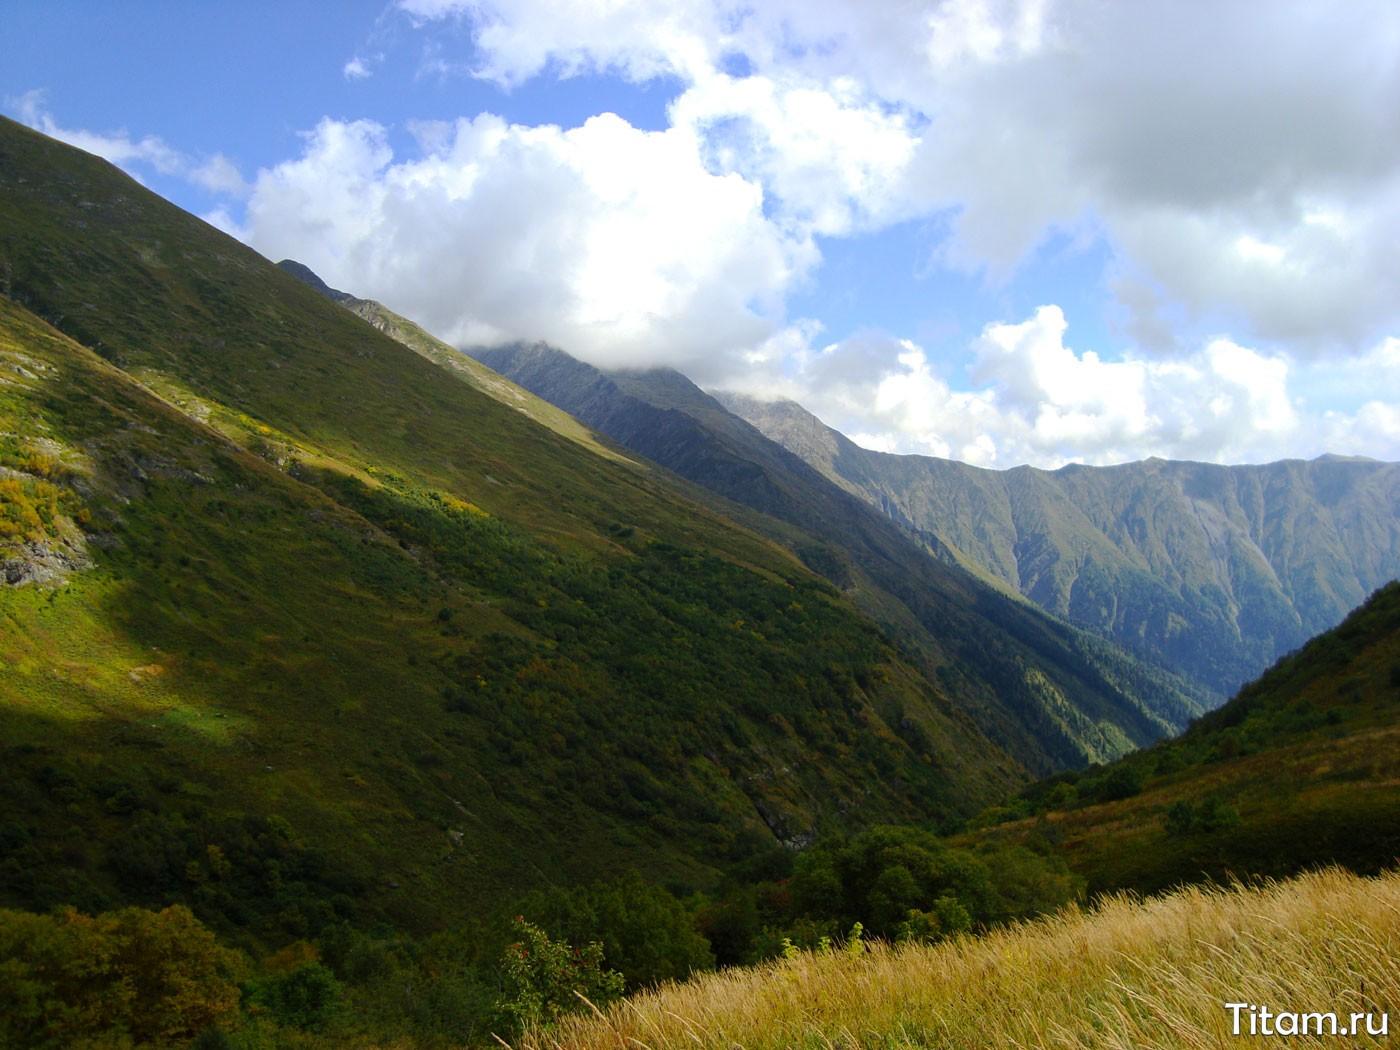 Вид на долину реки Пслух с Табунной